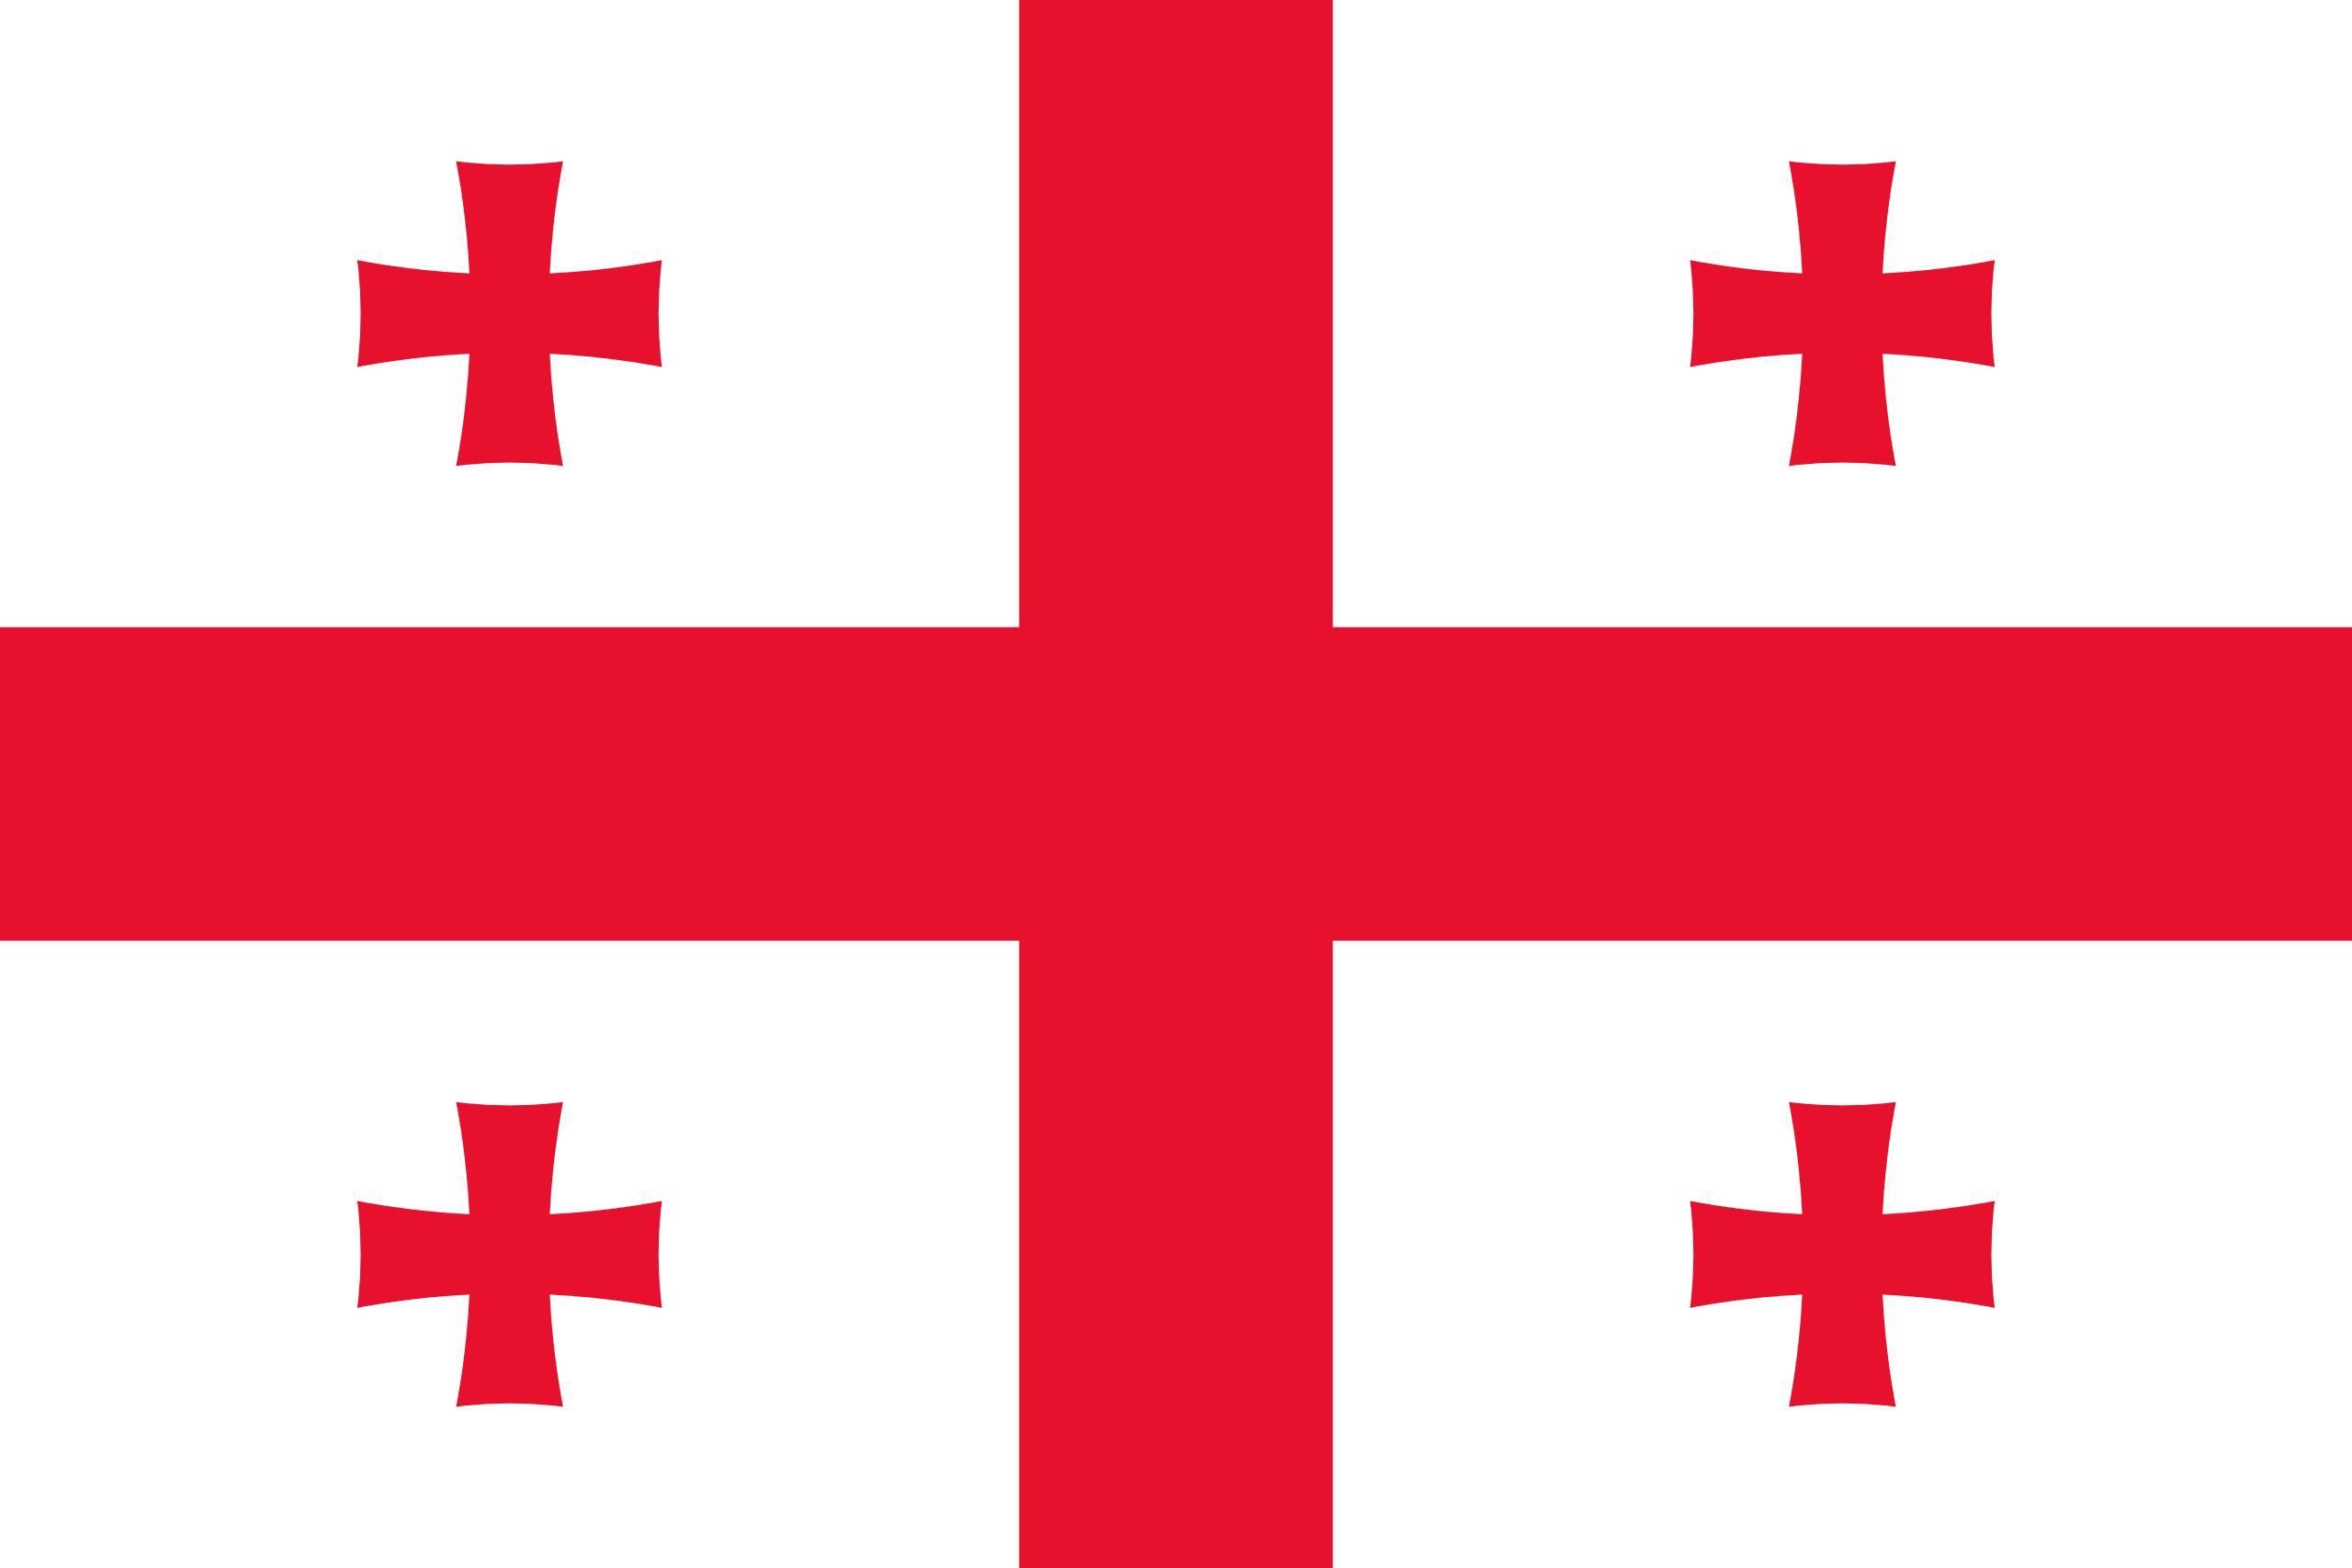 georgia, χώρα, έμβλημα, λογότυπο, σύμβολο - Wallpapers HD - Professor-falken.com